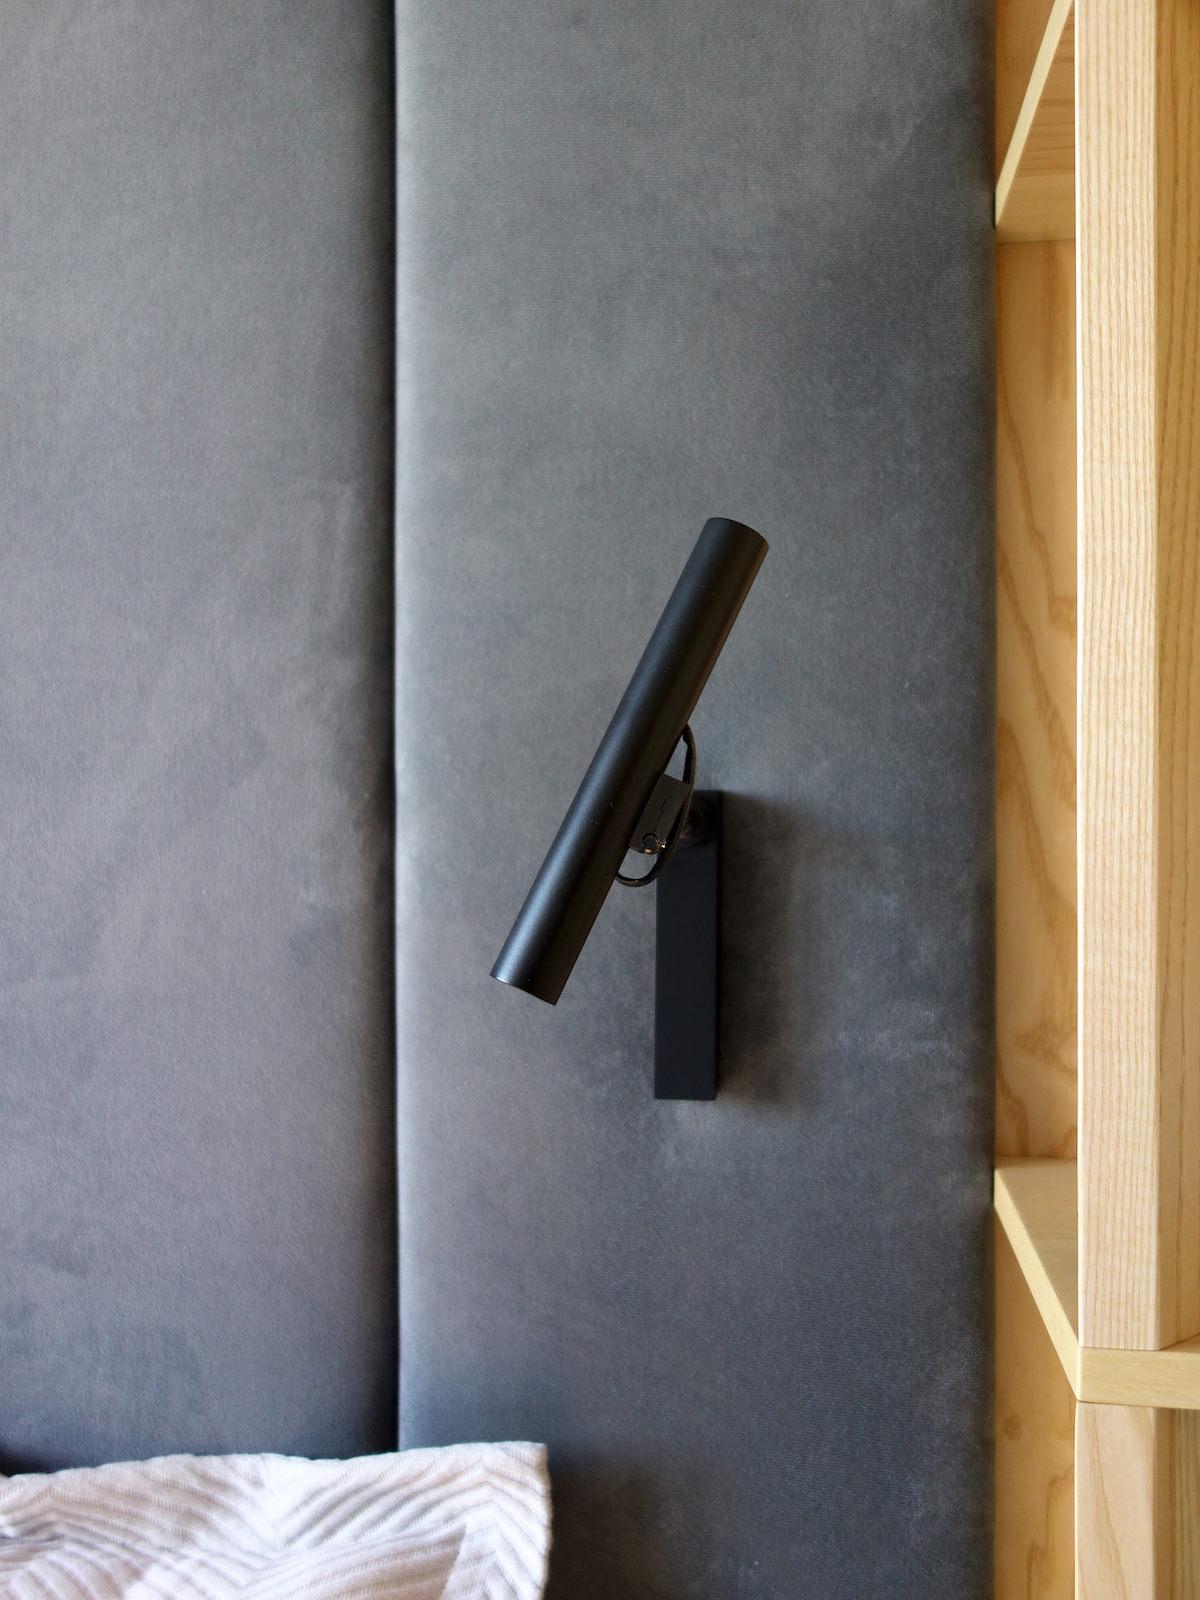 6 projektowanie wnetrz R034 dom katowice sypialnia detal zaglowka kinkiet na zaglowku